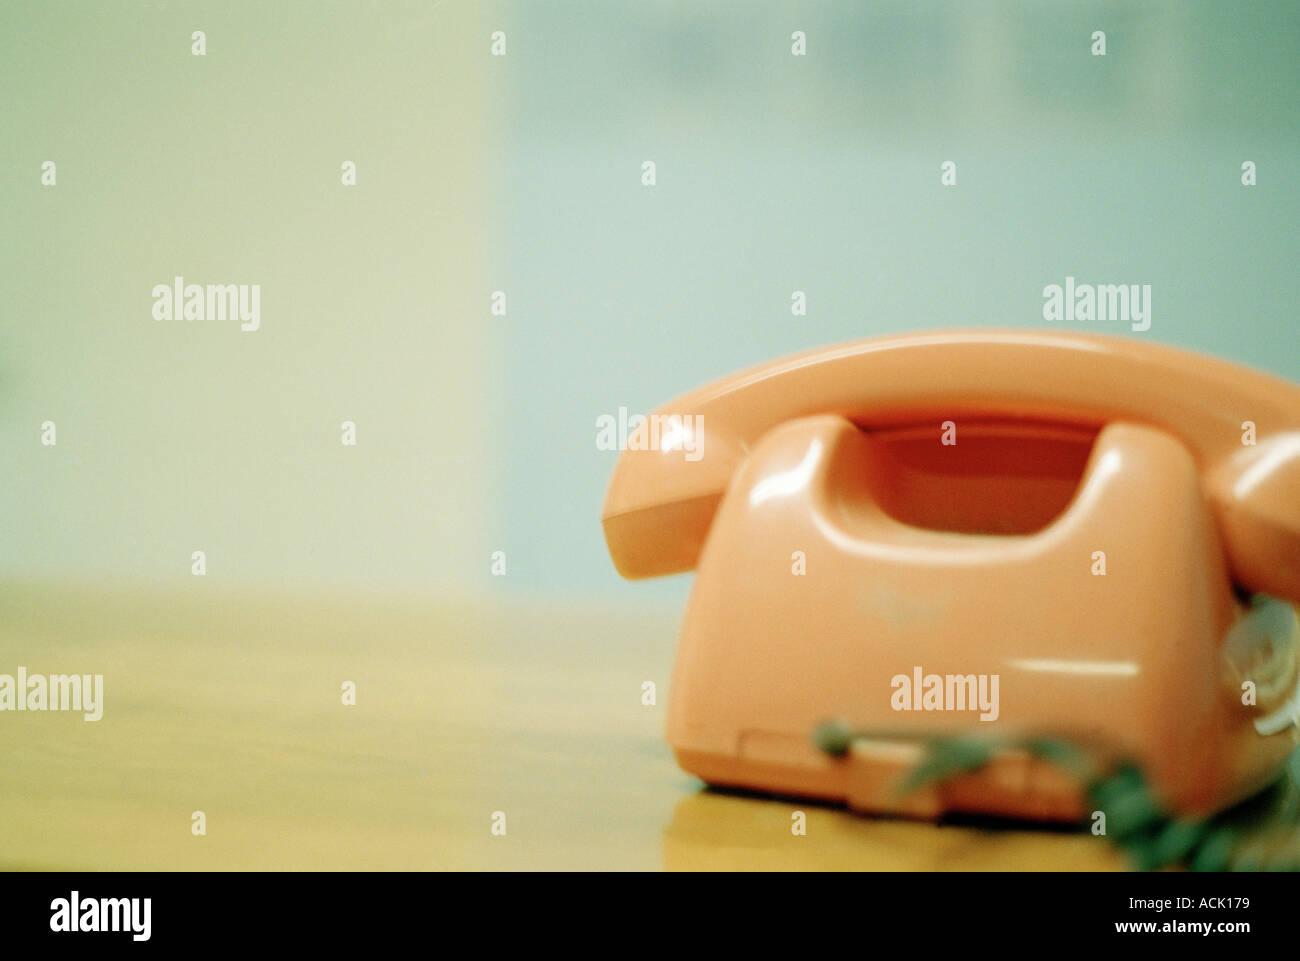 Um retro telefone apoiado sobre uma mesa Imagens de Stock